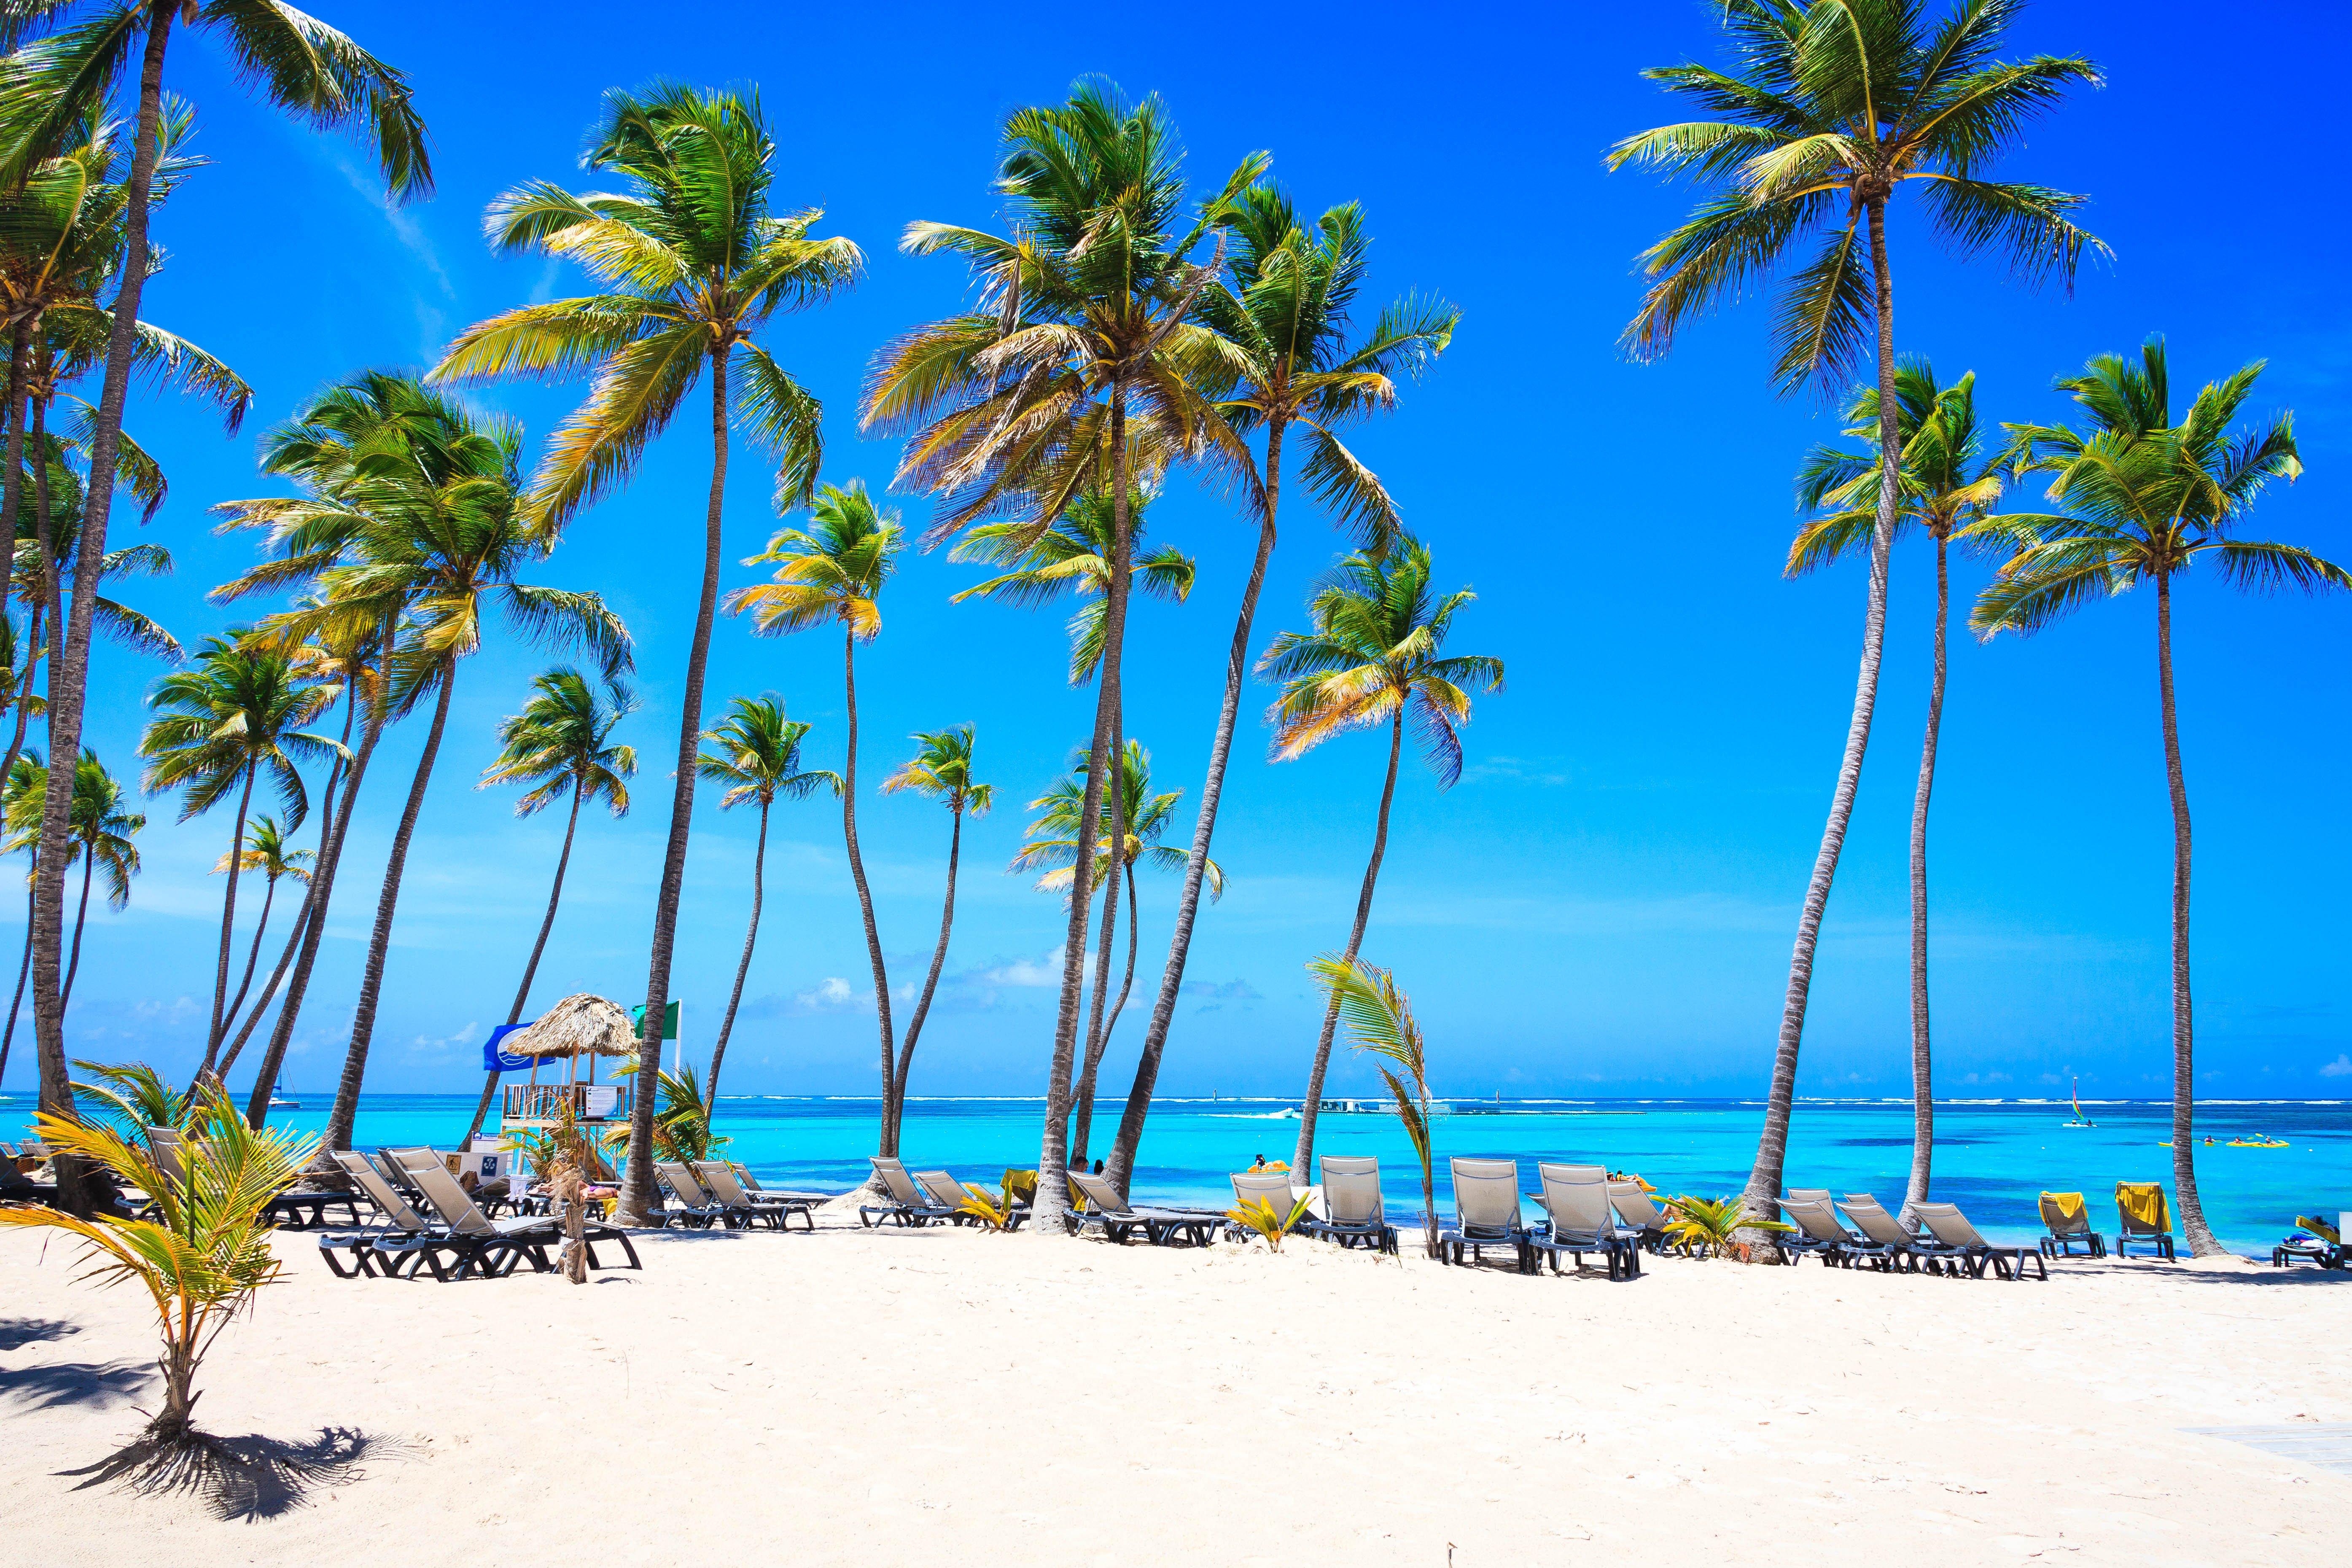 https://0201.nccdn.net/1_2/000/000/18d/f53/Punta-Cana.jpg